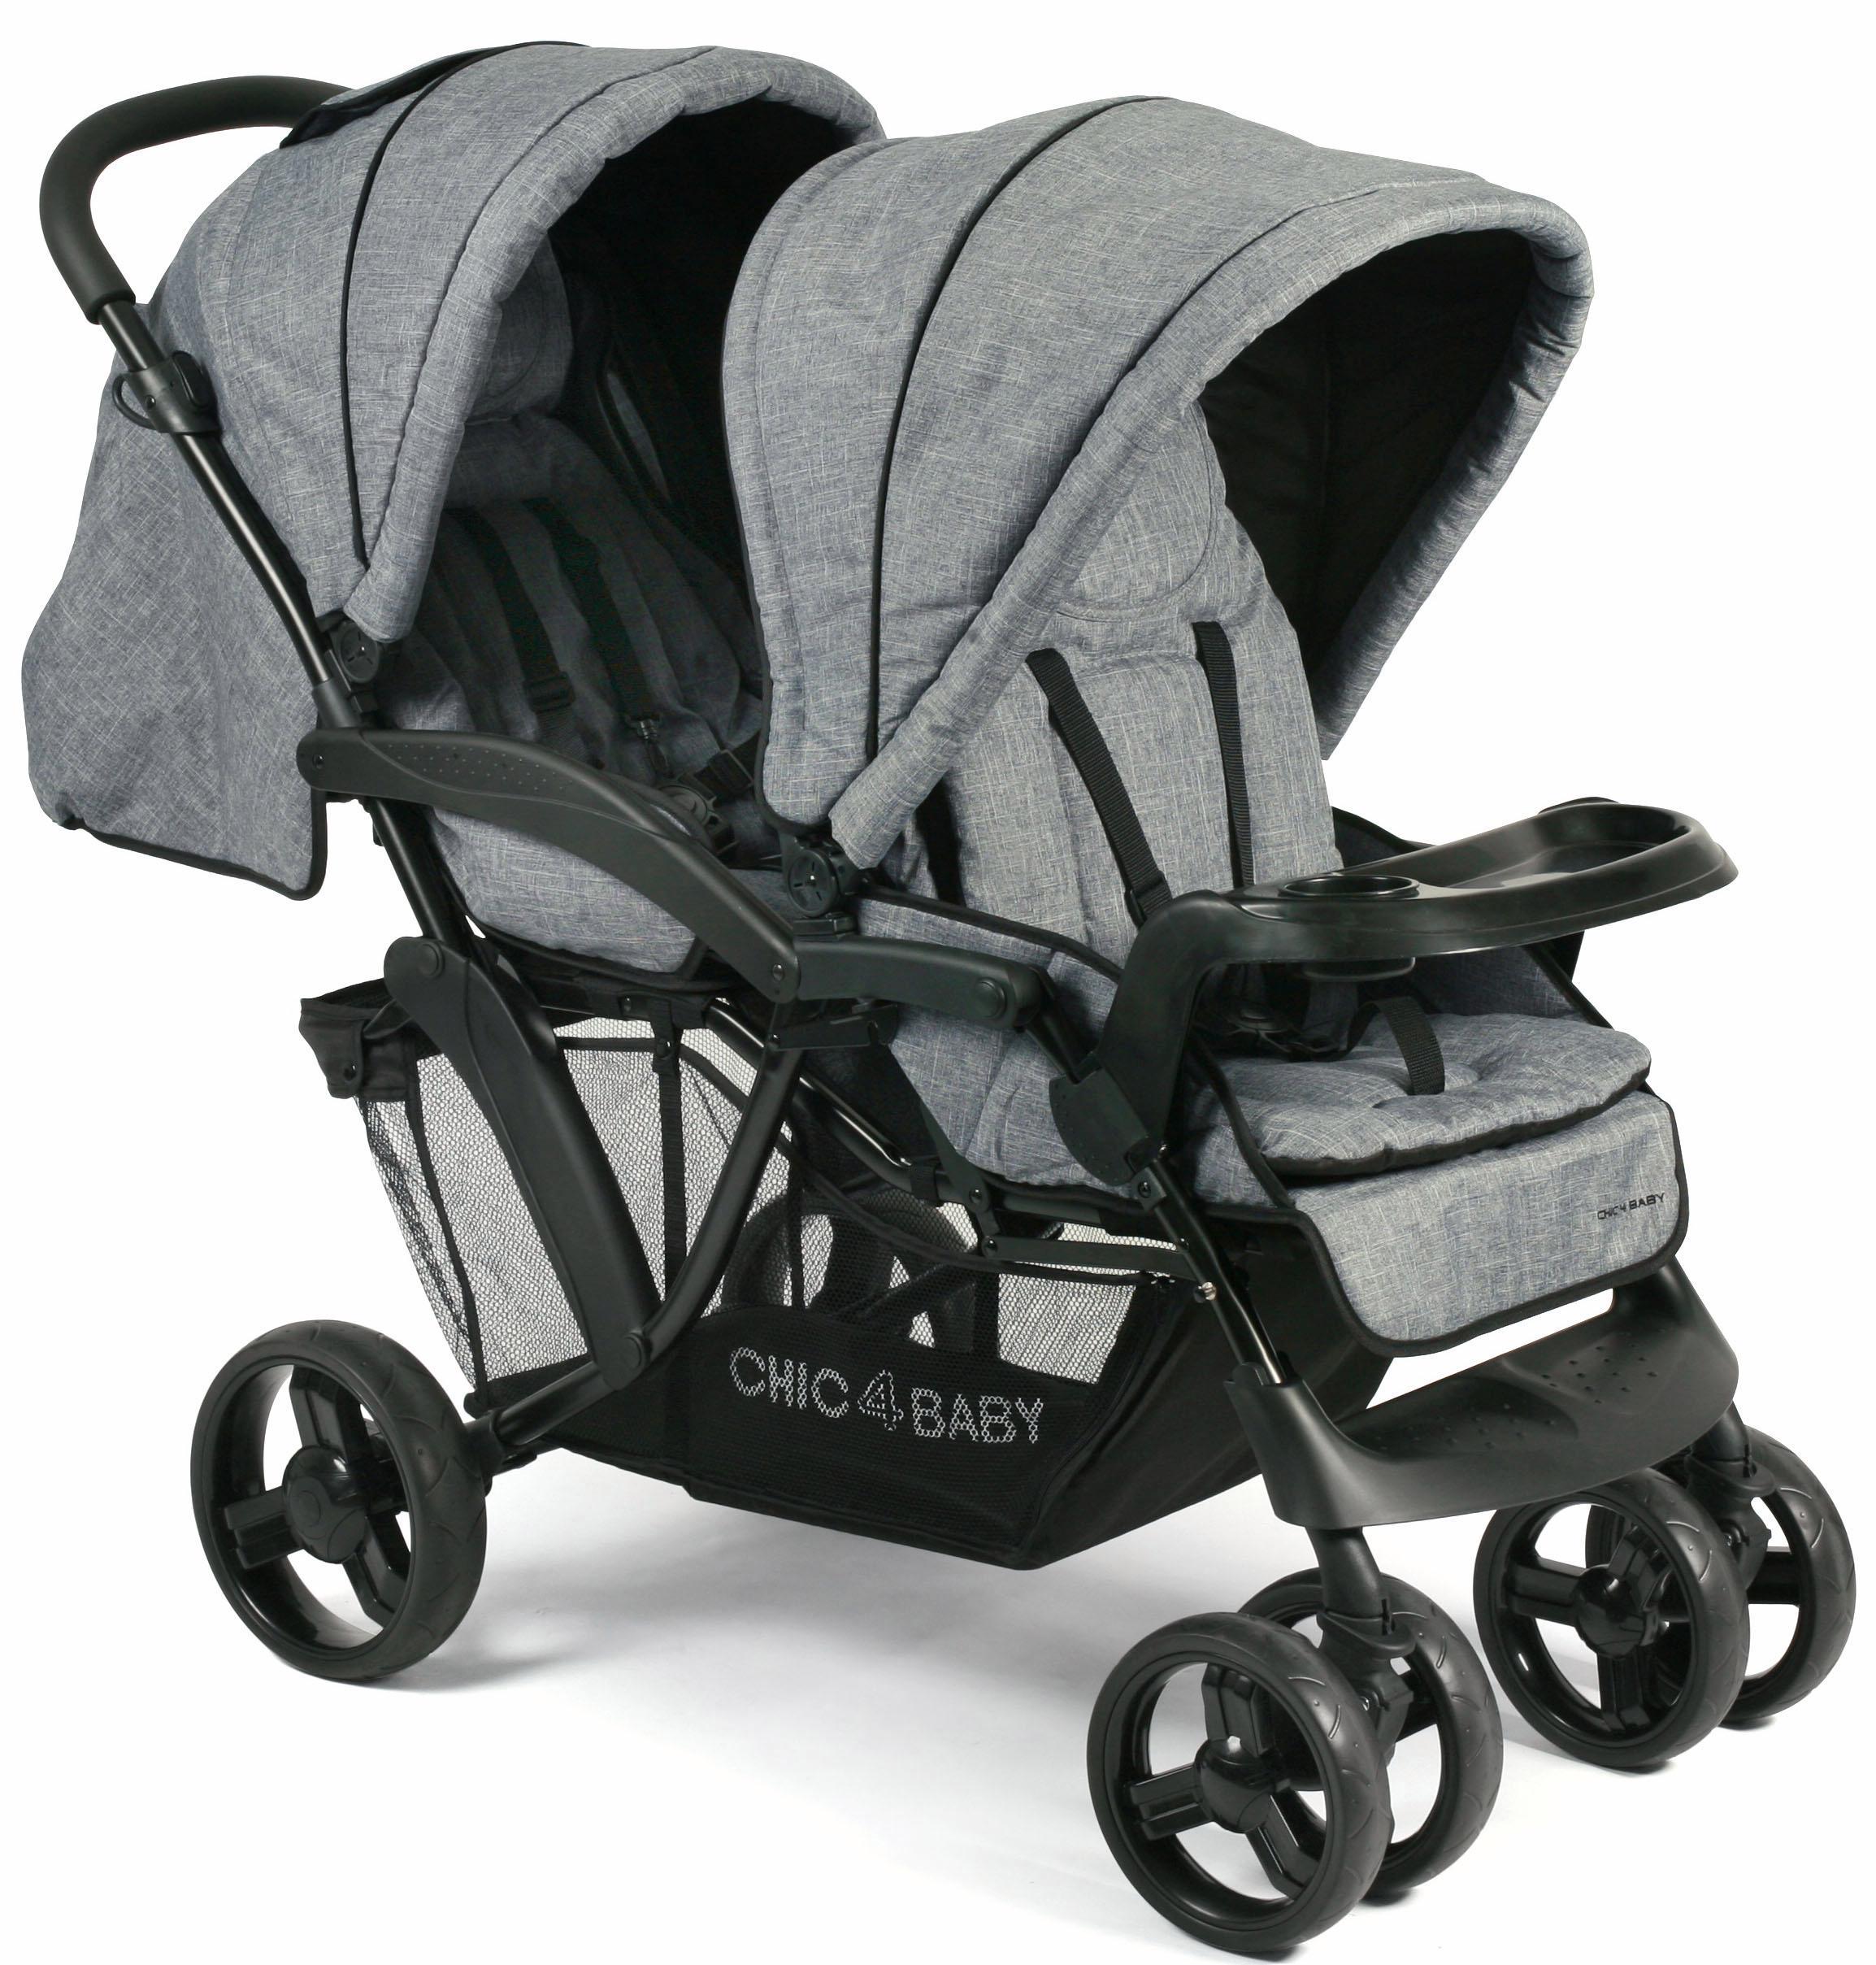 CHIC4BABY Geschwisterwagen Doppio, jeans blue, mit Regenschutz; Kinderwagen, Kinderwagen für Geschwister; Geschwisterkinderwagen grau Kinder Buggies